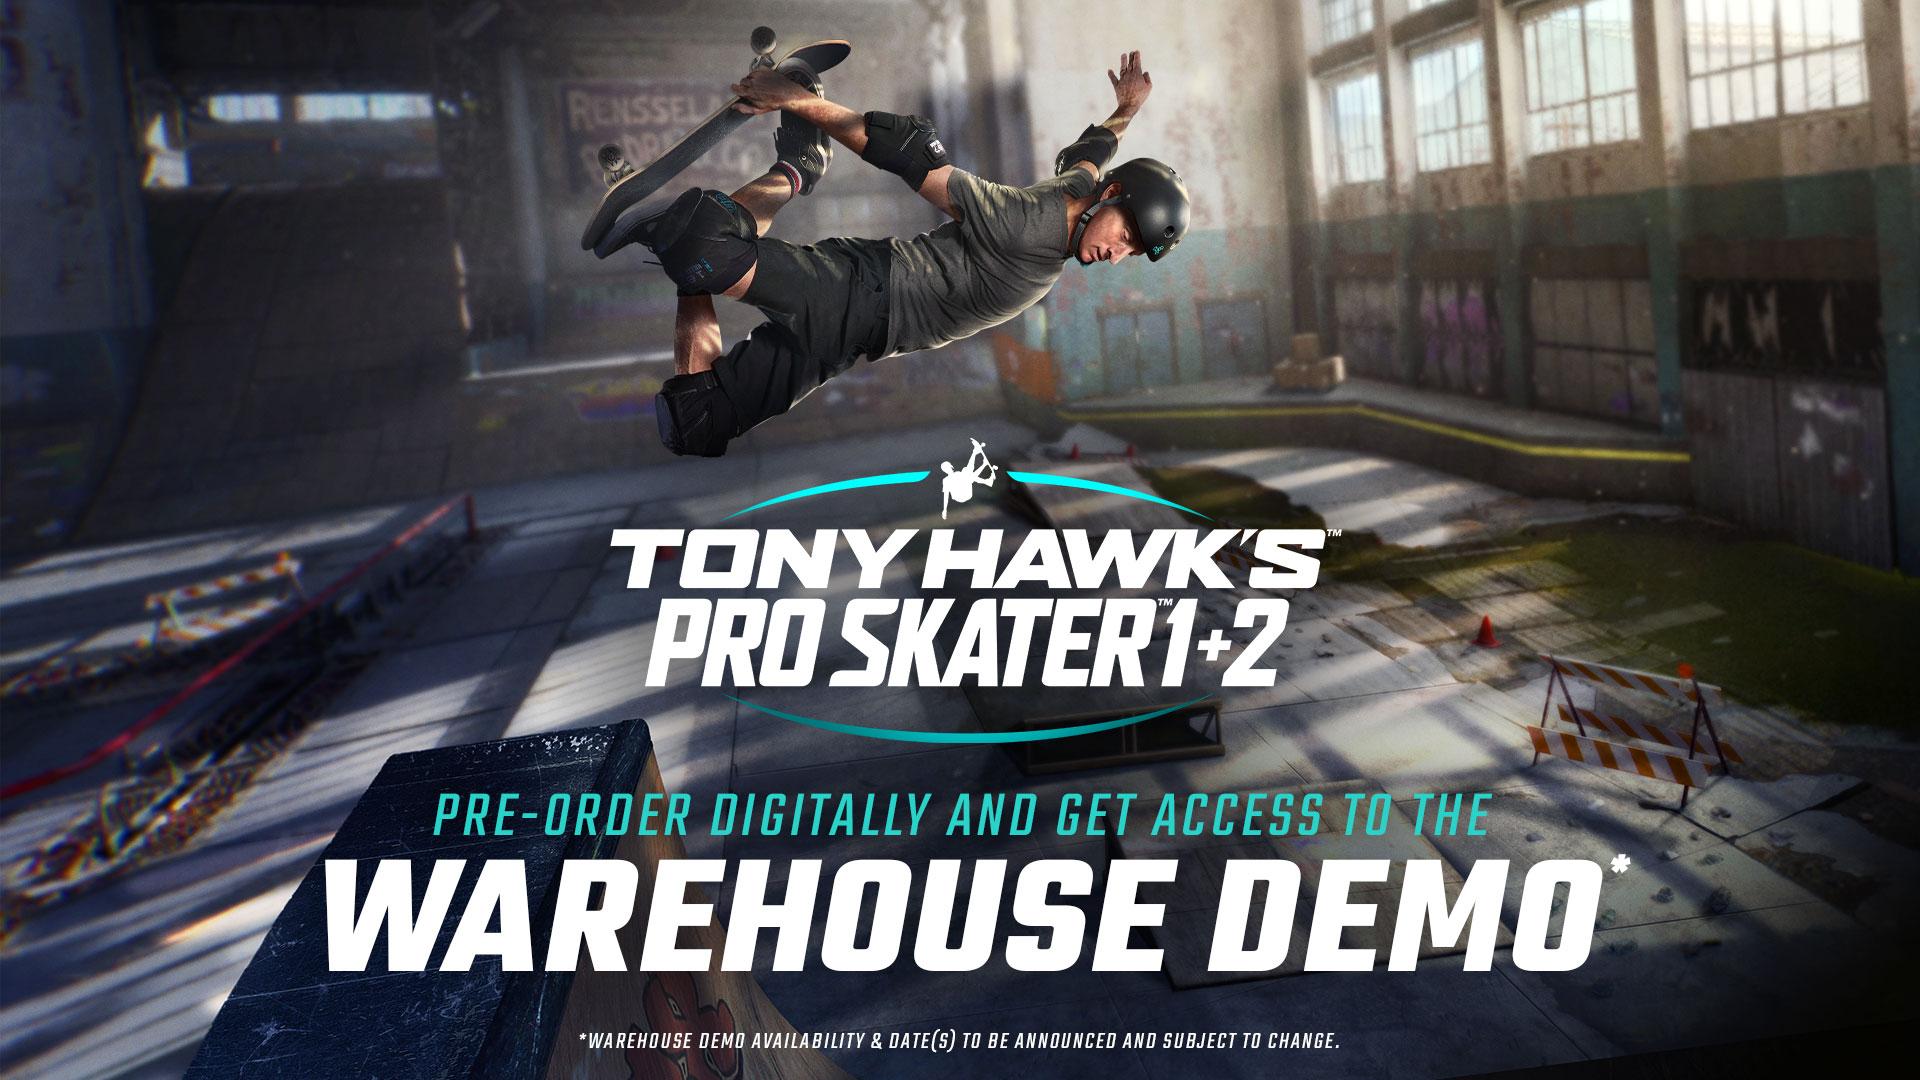 Tony Hawk's Pro Skater 1 and 2 demo